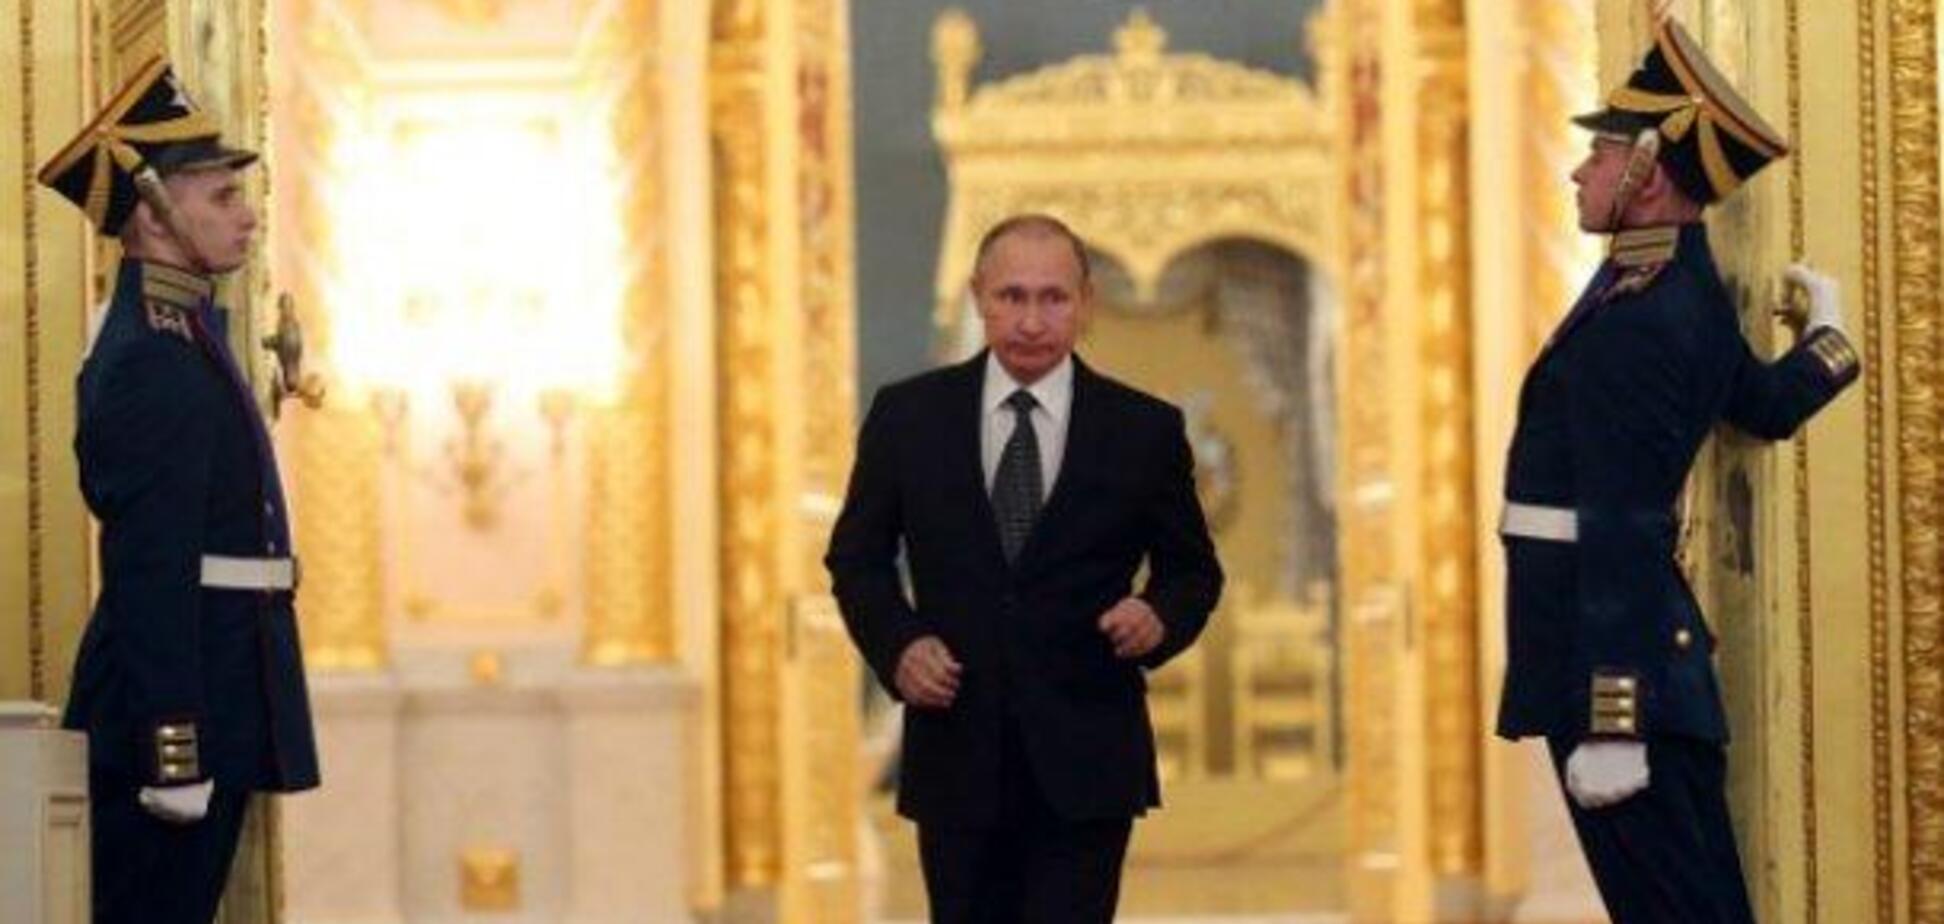 Притворяясь здравомыслящим, Путин долго шел к своей цели во власти